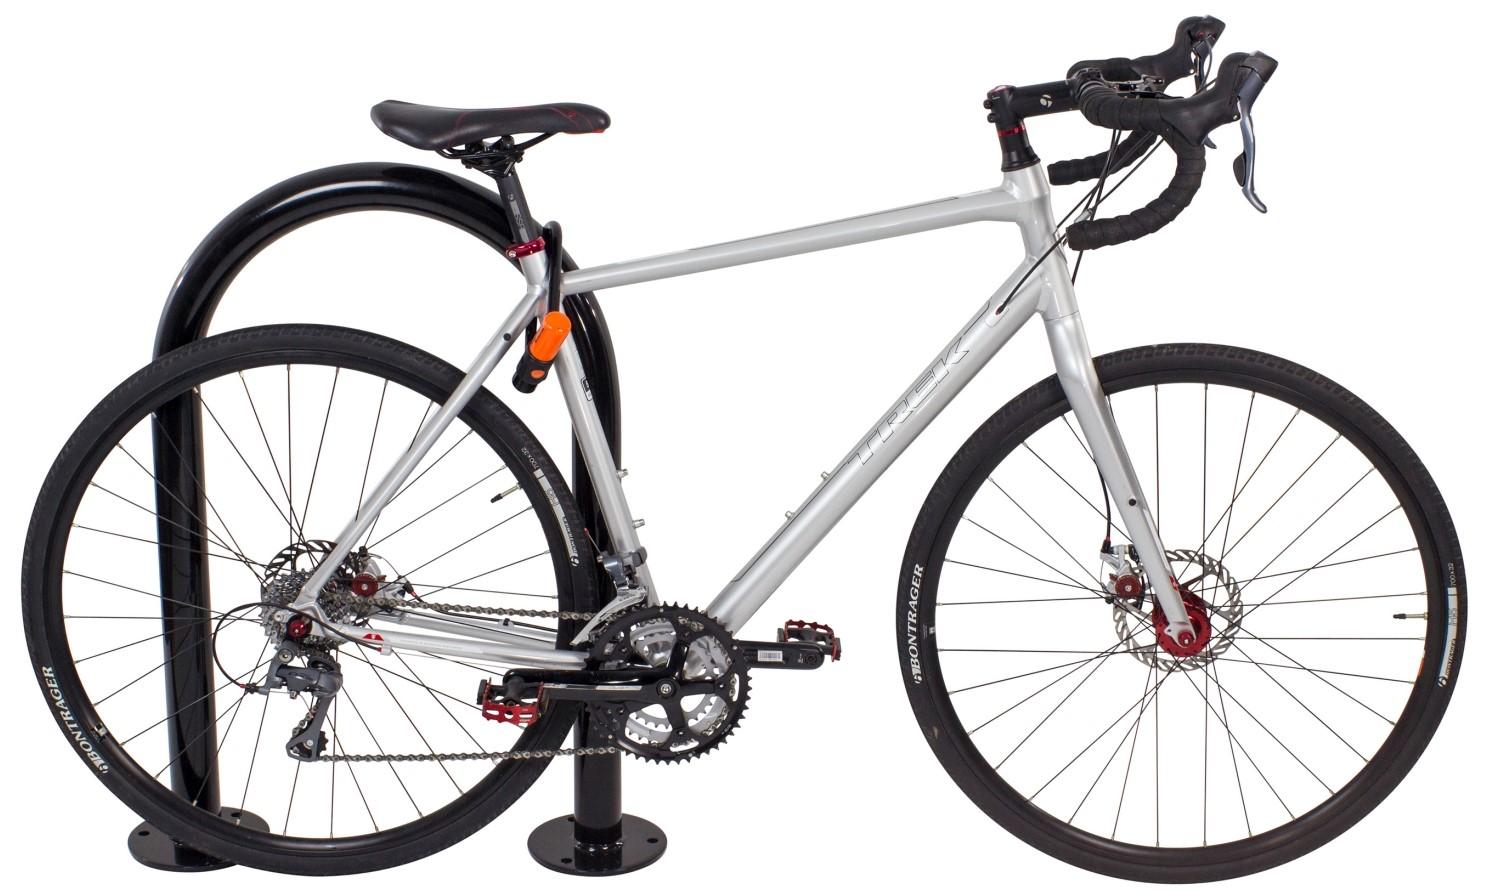 ulock zabezpiecza rower